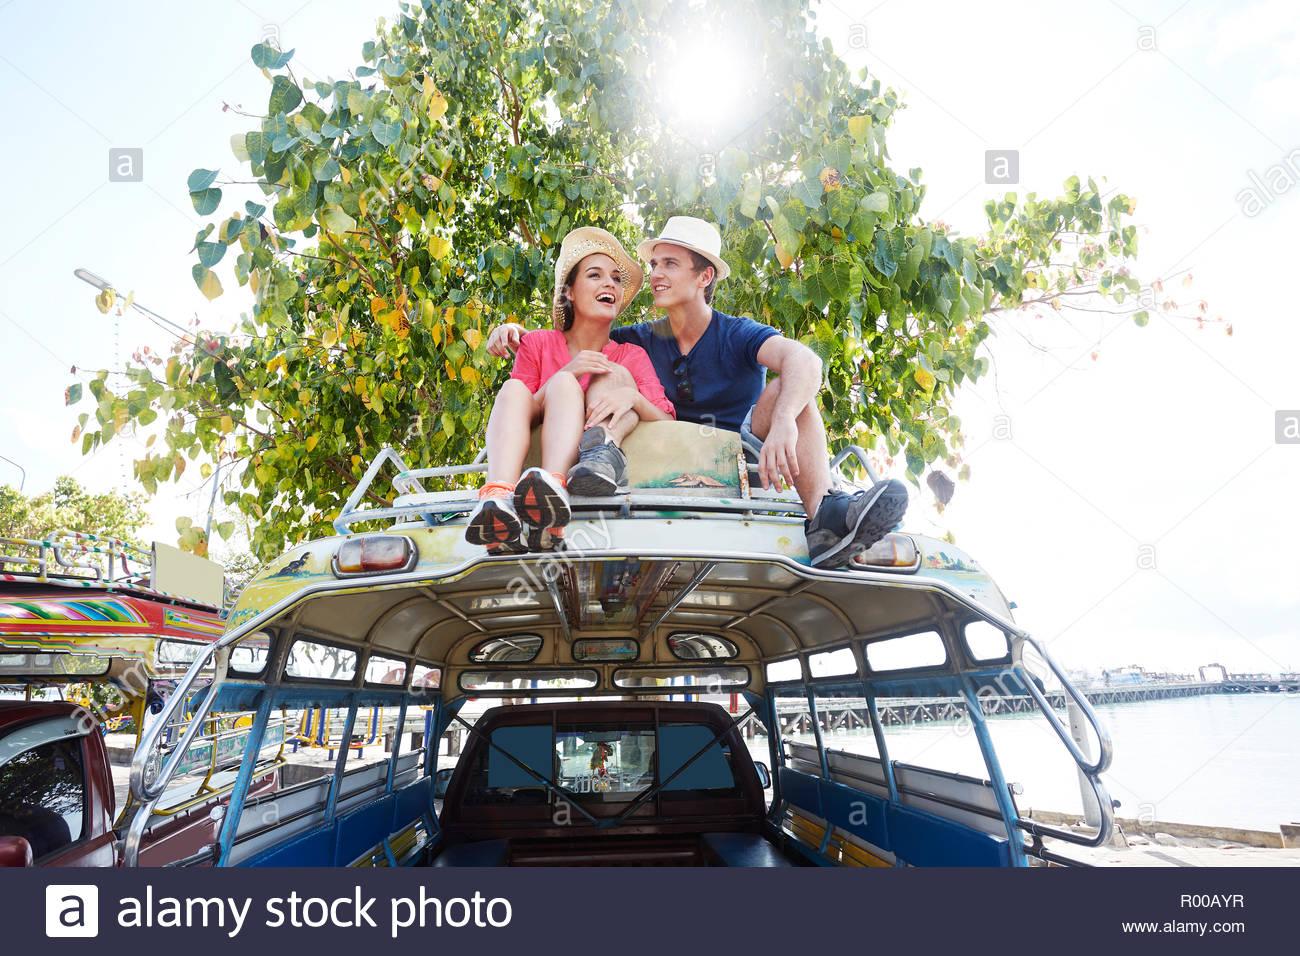 Pareja joven sentado en el techo del bus tour Imagen De Stock